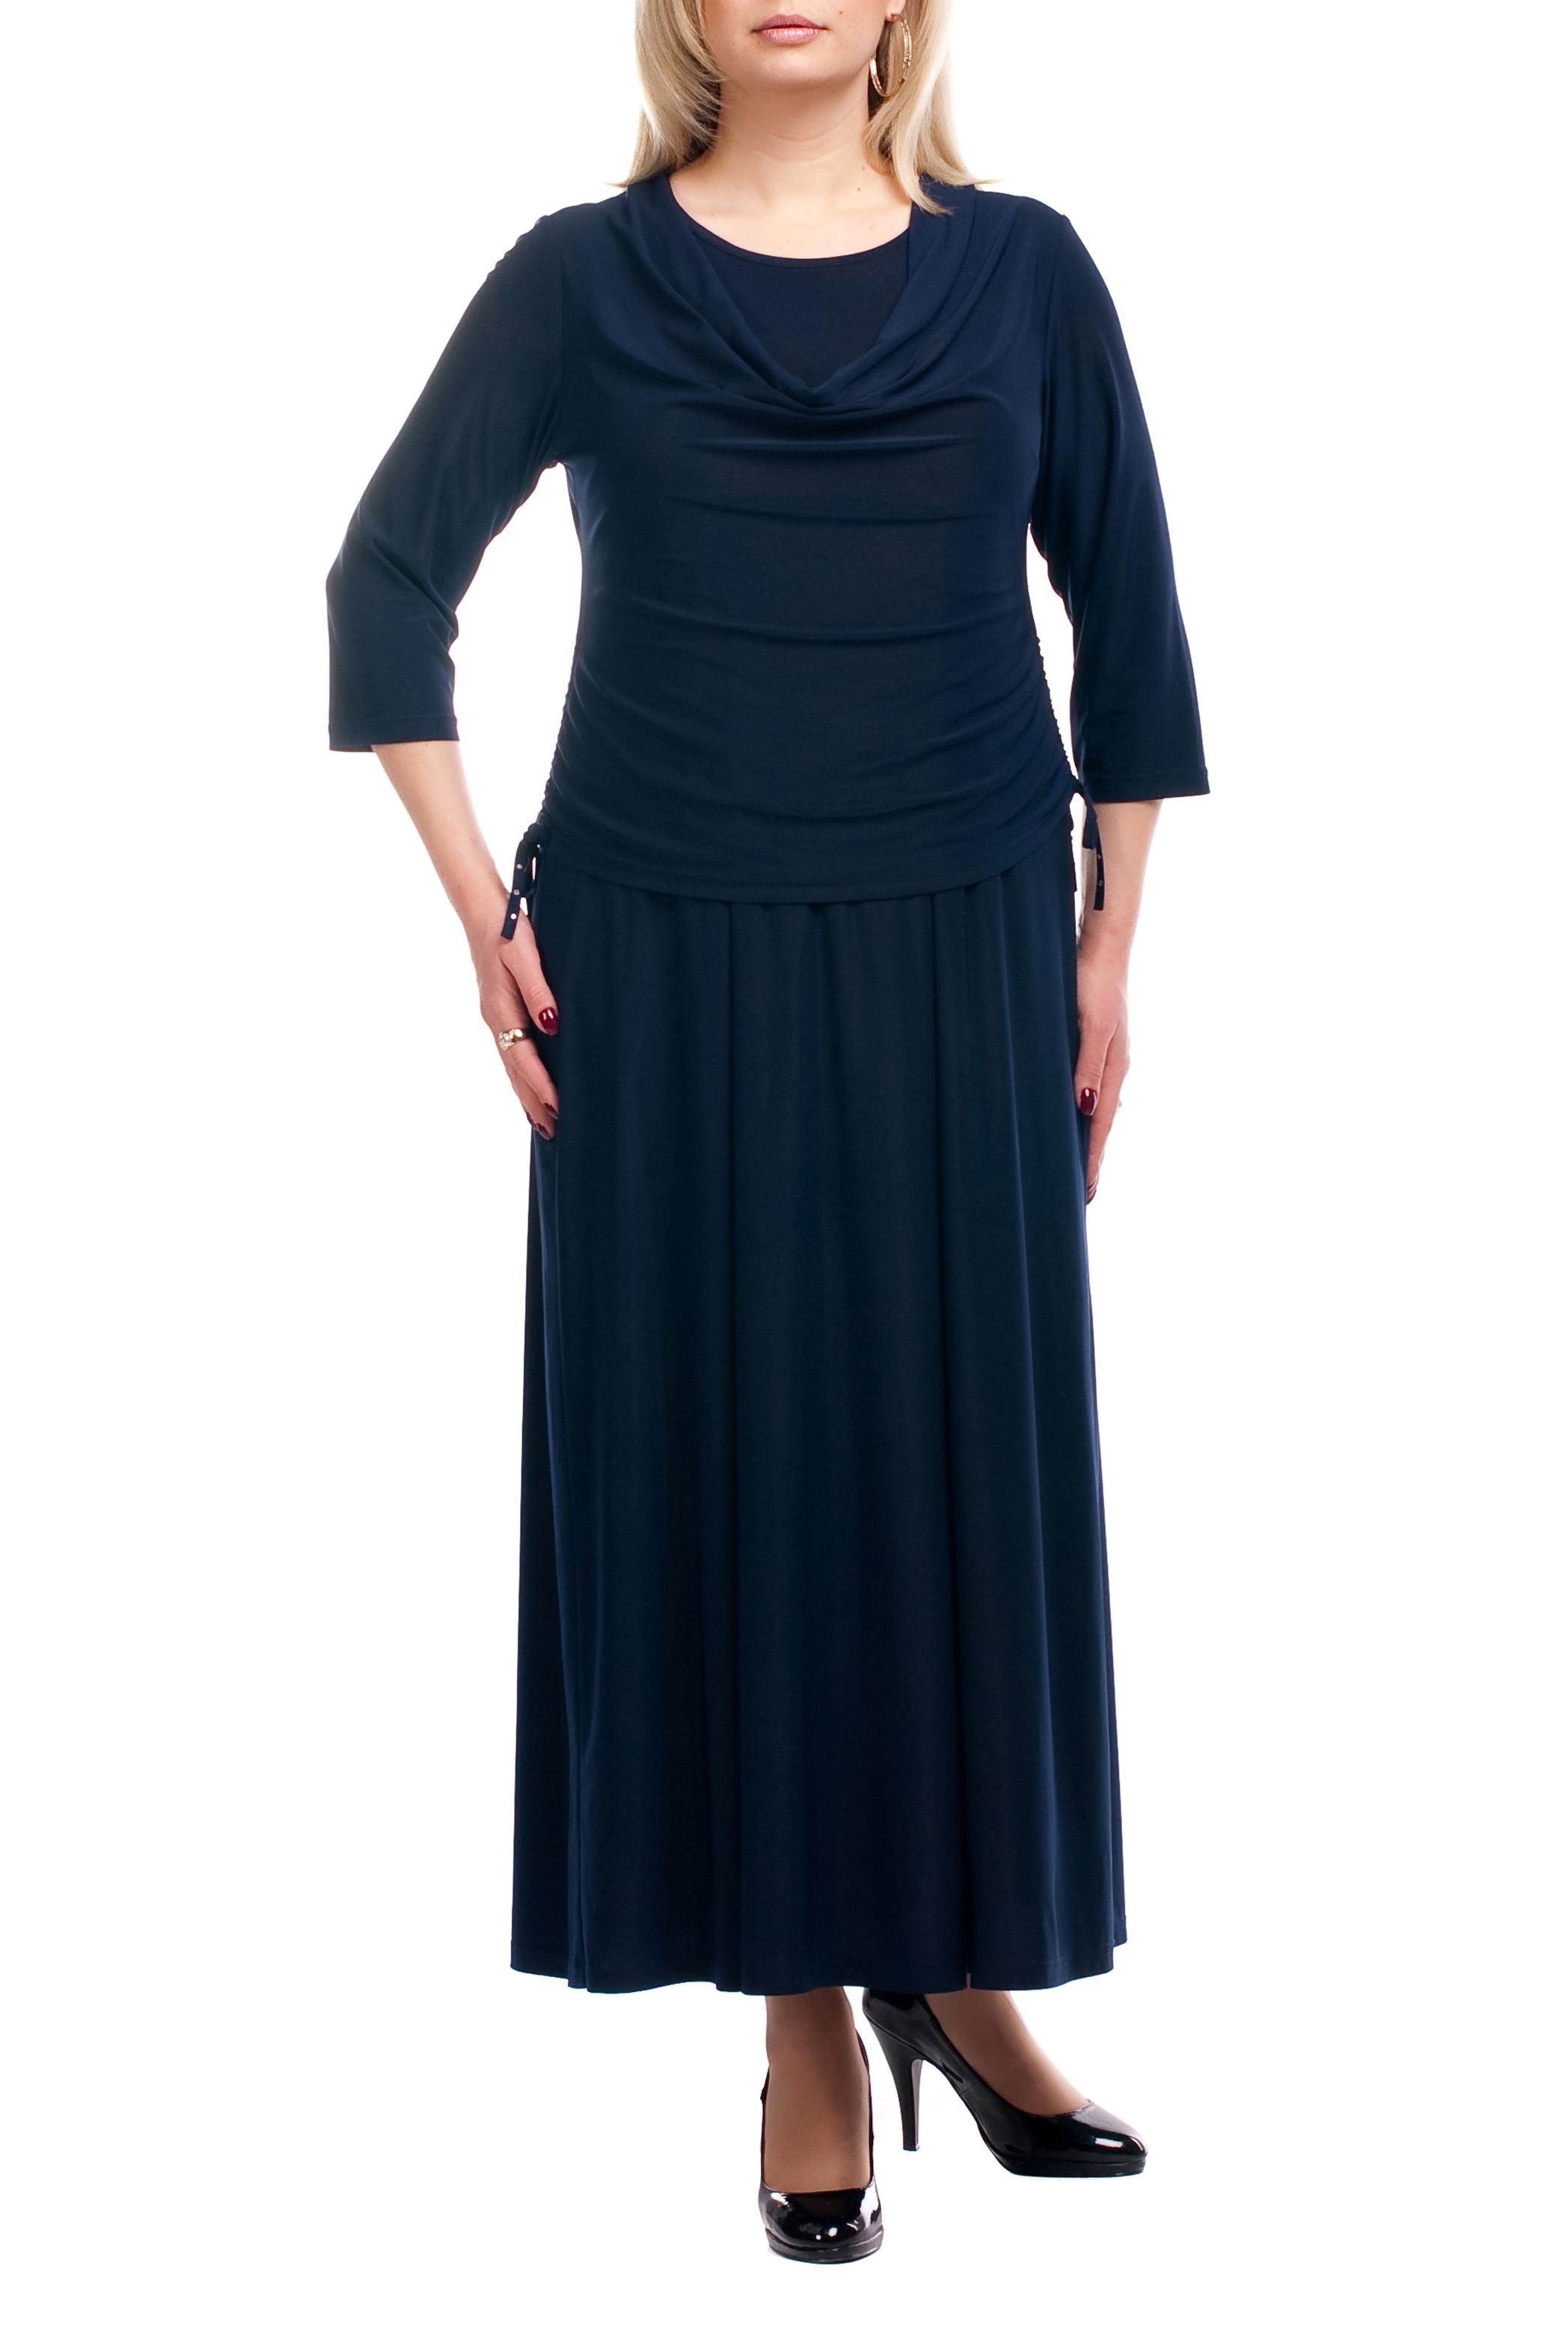 ПлатьеПлатья<br>Великолепное платье с небольшой драпировкой. Модель выполнена из струящегося трикотажа. Отличный выбор для любого торжества.  Цвет: синий  Рост девушки-фотомодели 173 см<br><br>Горловина: Качель,С- горловина<br>По длине: Макси<br>По материалу: Трикотаж<br>По рисунку: Однотонные<br>По сезону: Весна,Всесезон,Зима,Лето,Осень<br>По силуэту: Полуприталенные<br>По стилю: Нарядный стиль,Повседневный стиль<br>По элементам: С декором,Со складками<br>Рукав: Рукав три четверти<br>Размер : 52,54,62,66,68,70<br>Материал: Холодное масло<br>Количество в наличии: 7